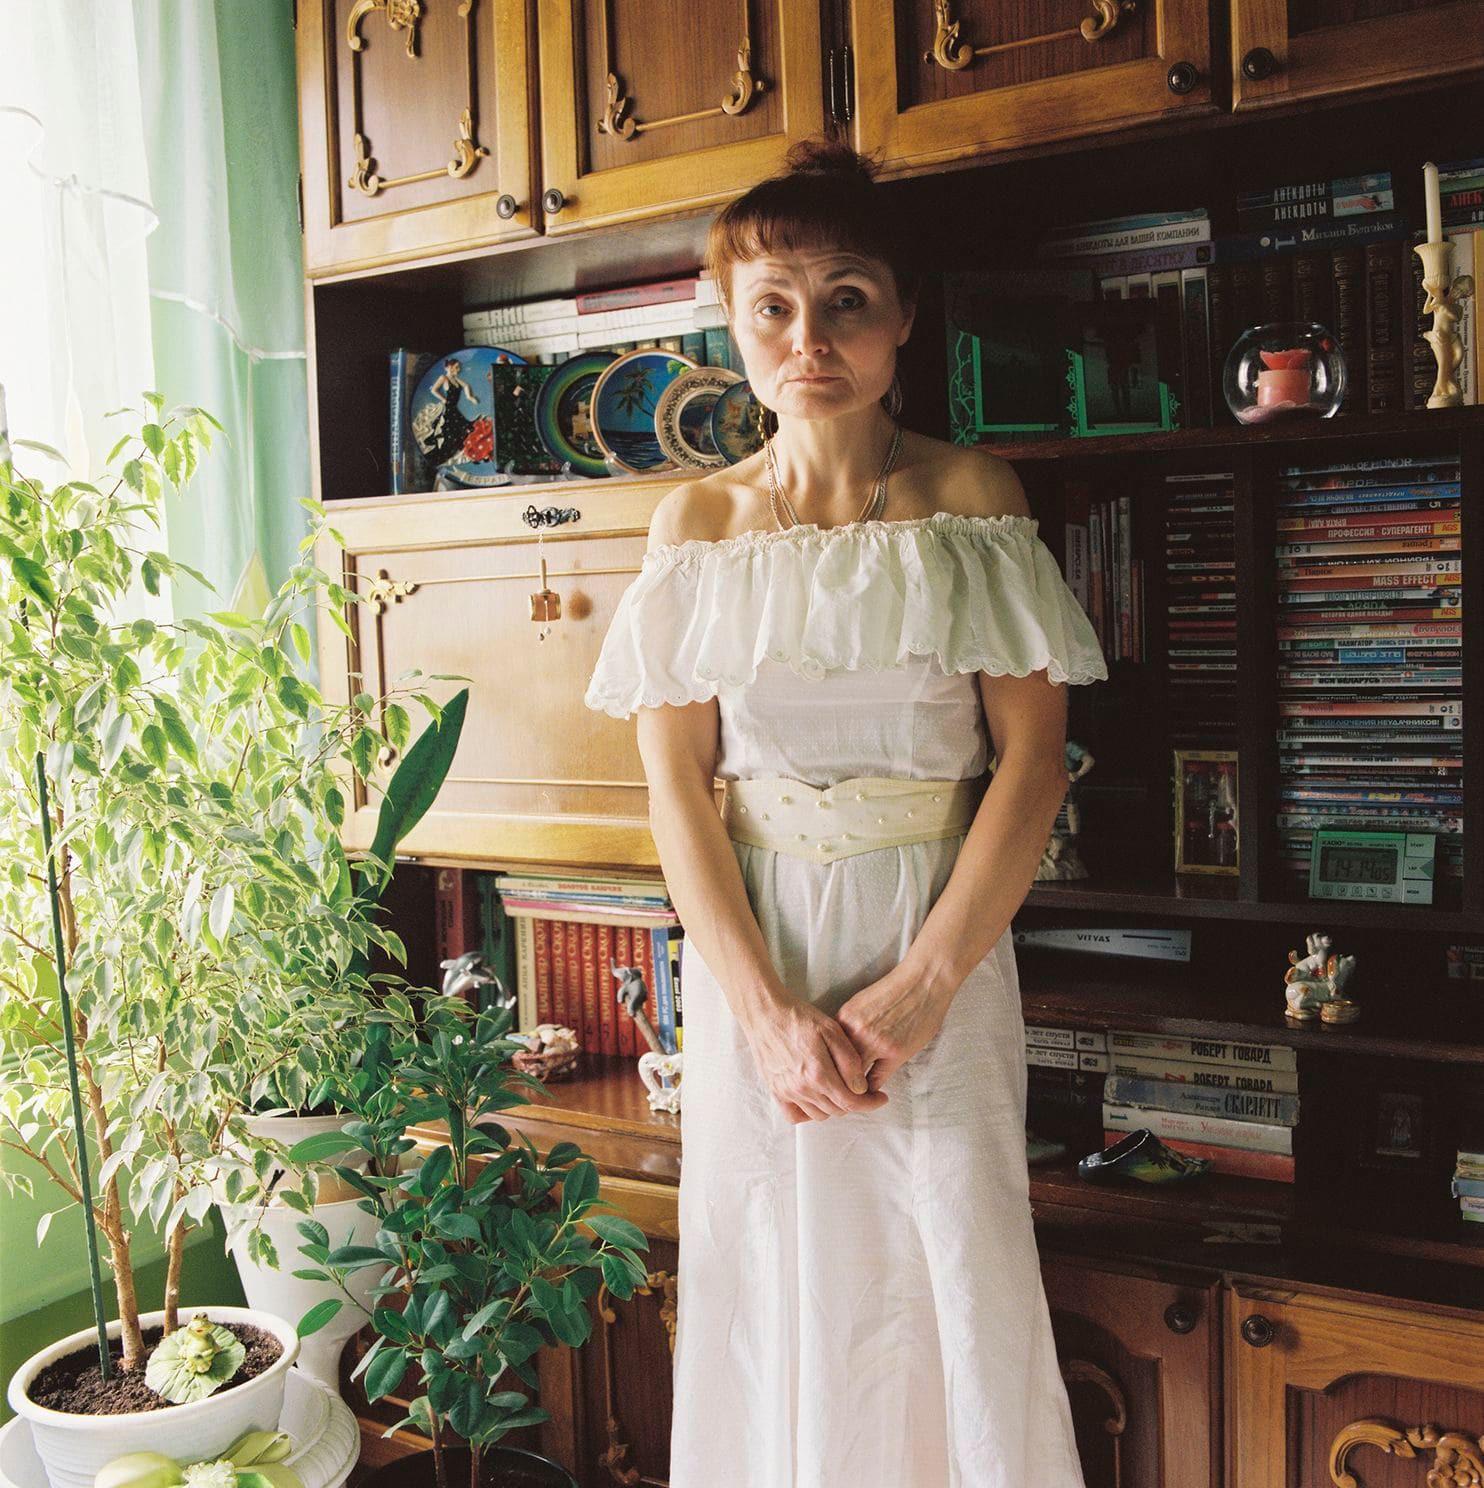 Lý do gì khiến phụ nữ ở Belarus luôn giữ gìn váy cưới cẩn thận suốt hàng chục năm? - Ảnh 5.